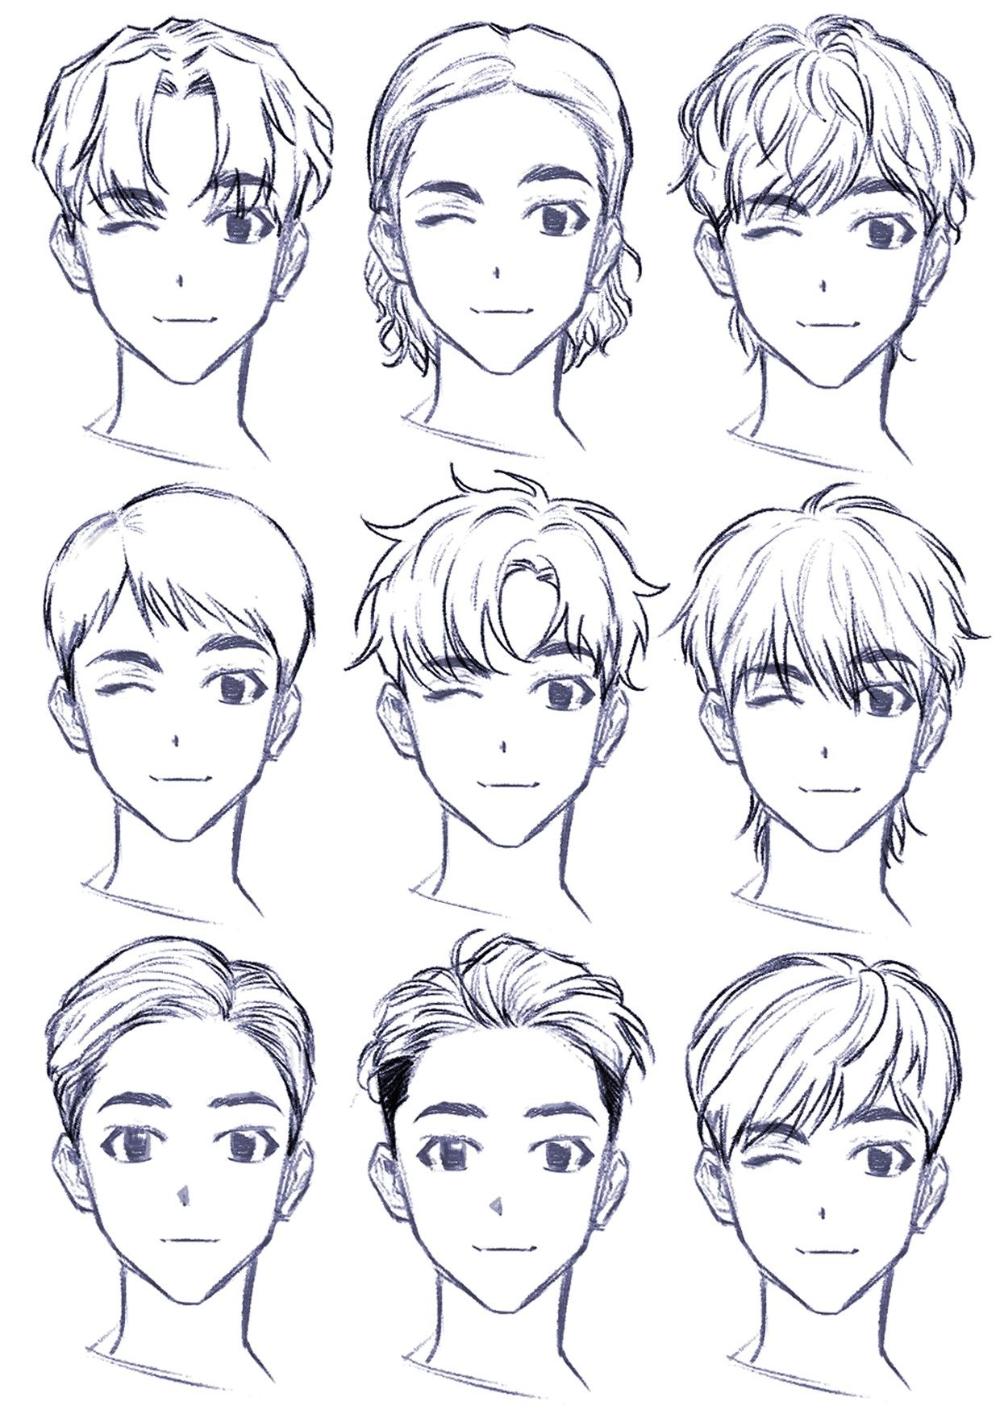 Cabelos Para Personagens Pesquisa Google Em 2020 Desenho De Rosto Desenho De Cabelo Masculino Cabelo Masculino Anime